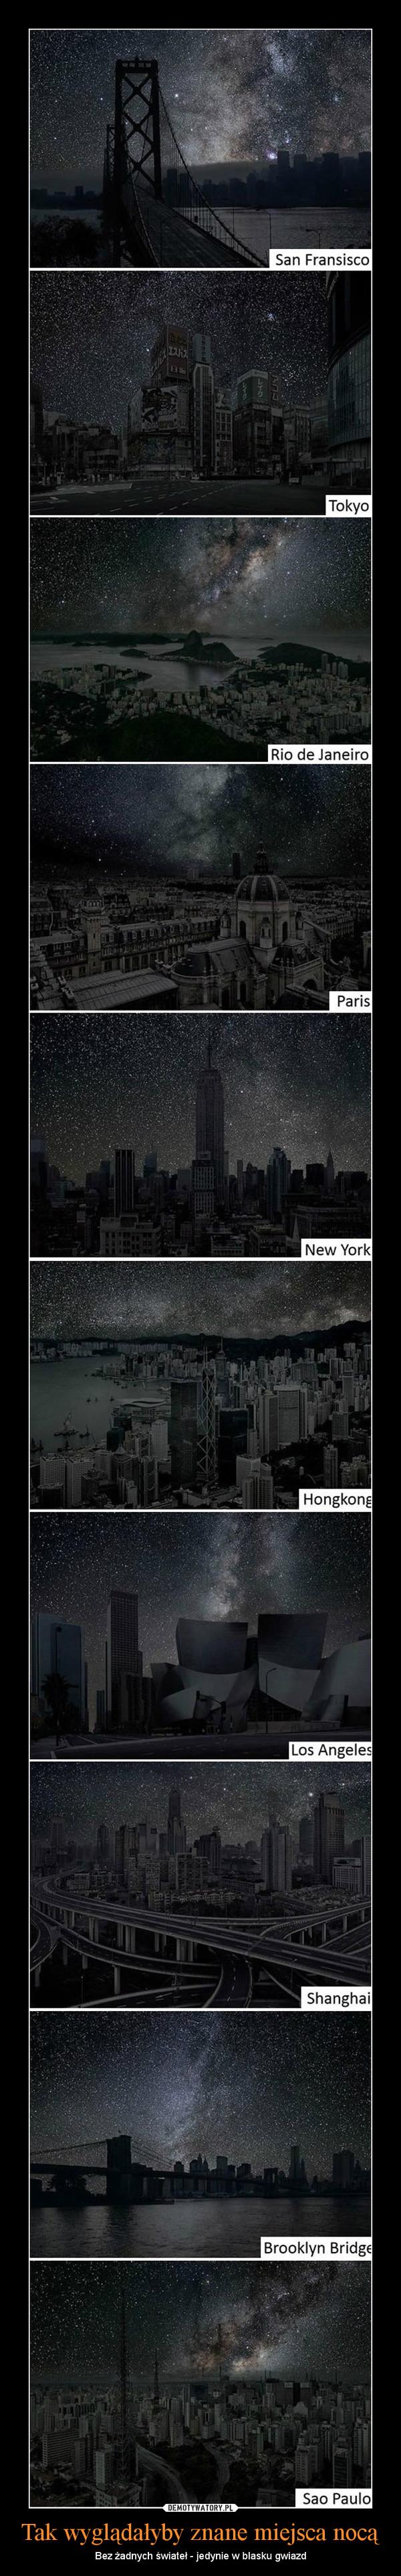 Tak wyglądałyby znane miejsca nocą – Bez żadnych świateł - jedynie w blasku gwiazd